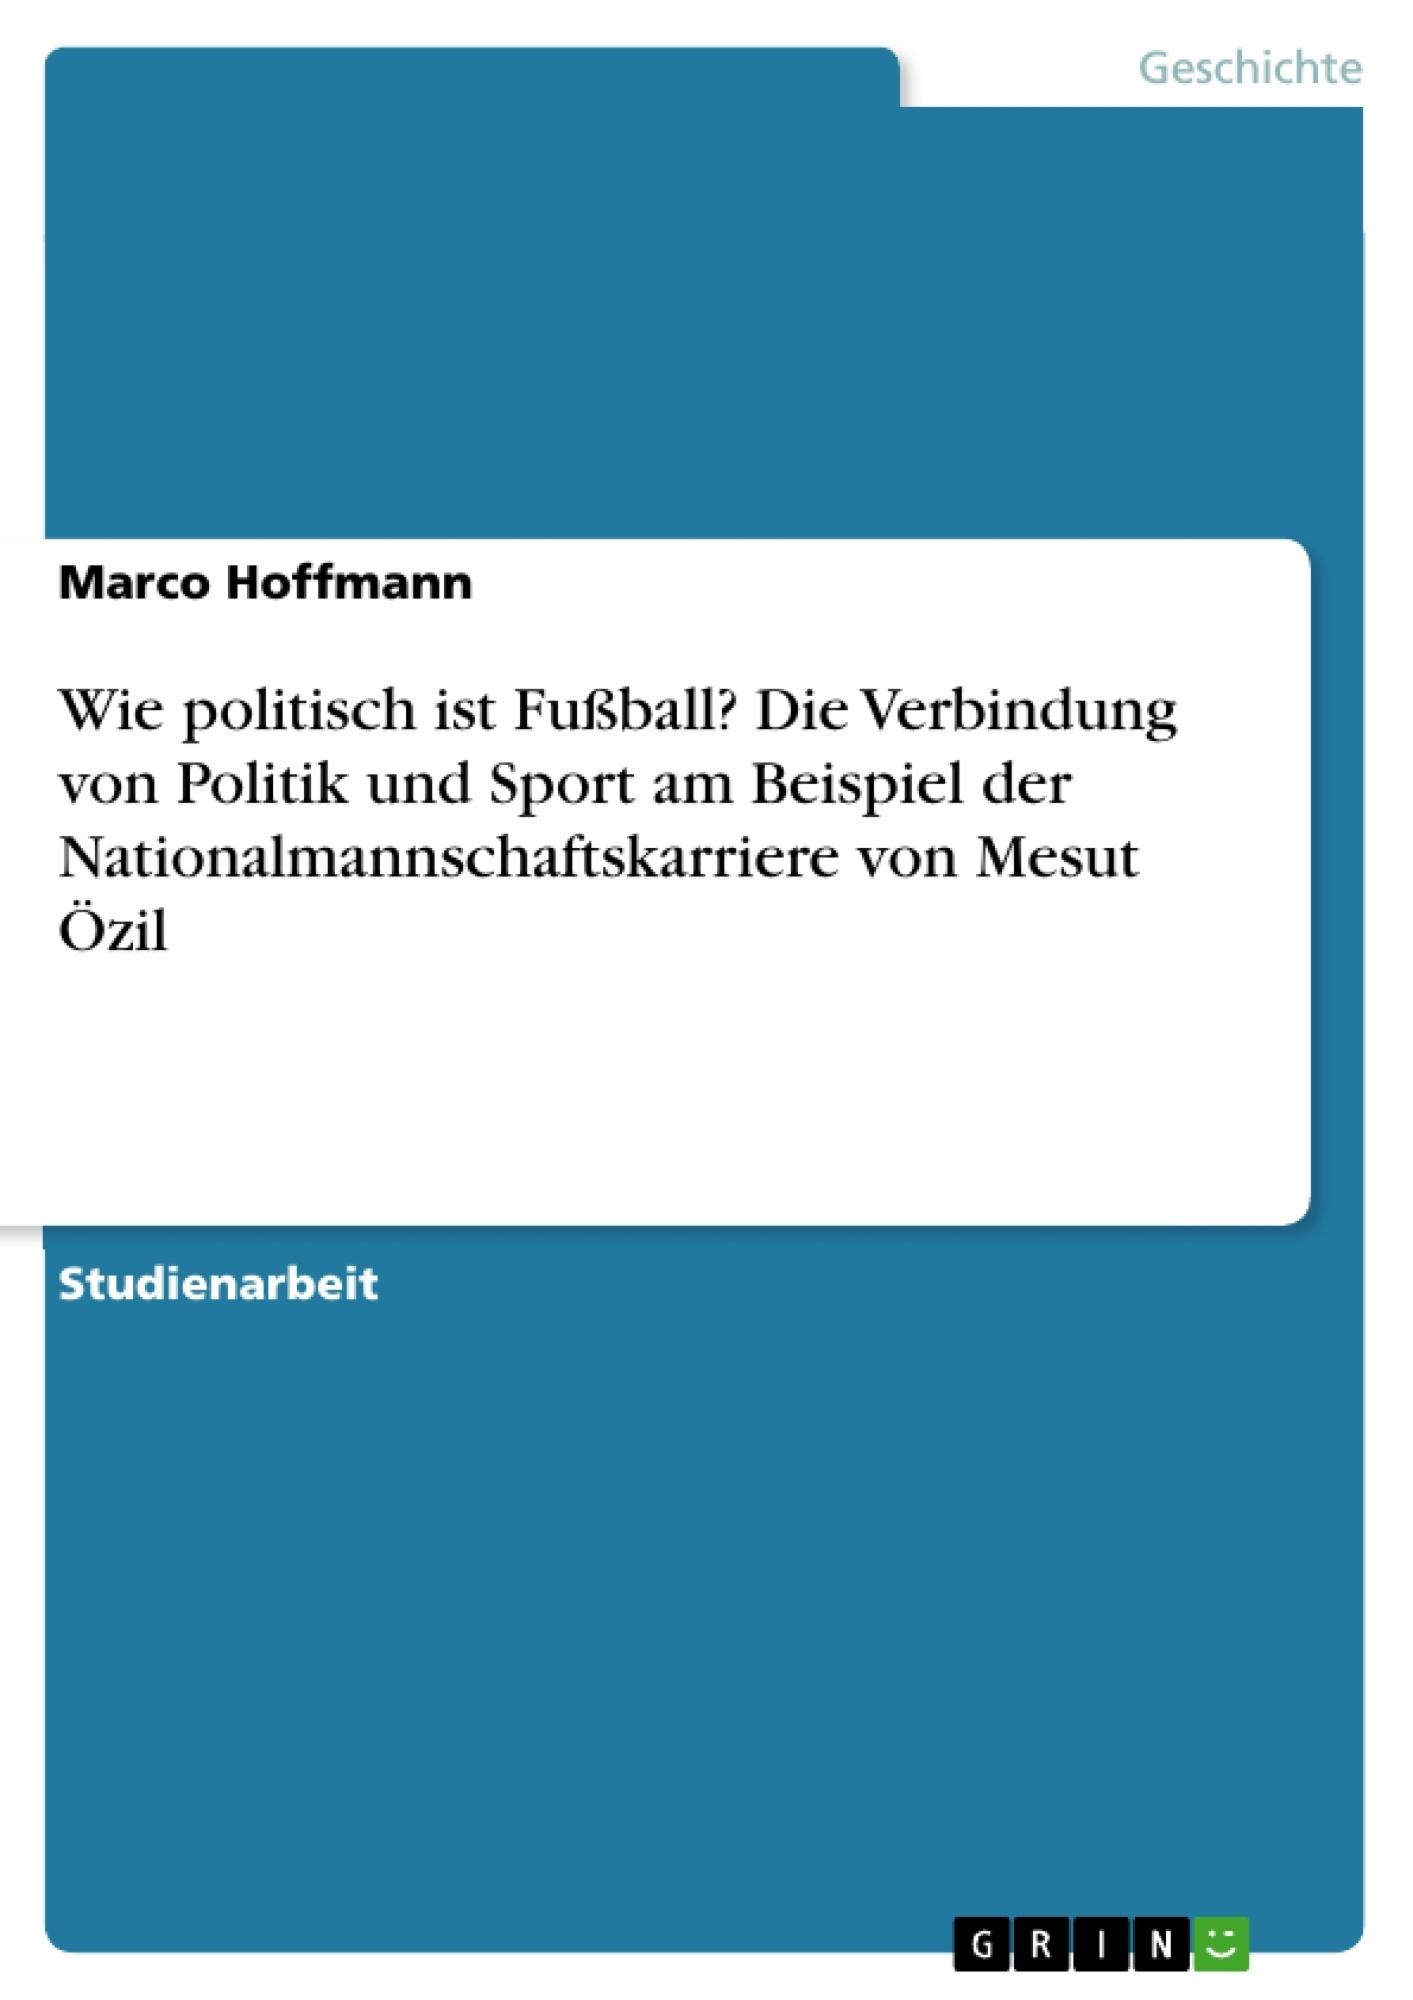 Titel: Wie politisch ist Fußball? Die Verbindung von Politik und Sport am Beispiel der Nationalmannschaftskarriere von Mesut Özil